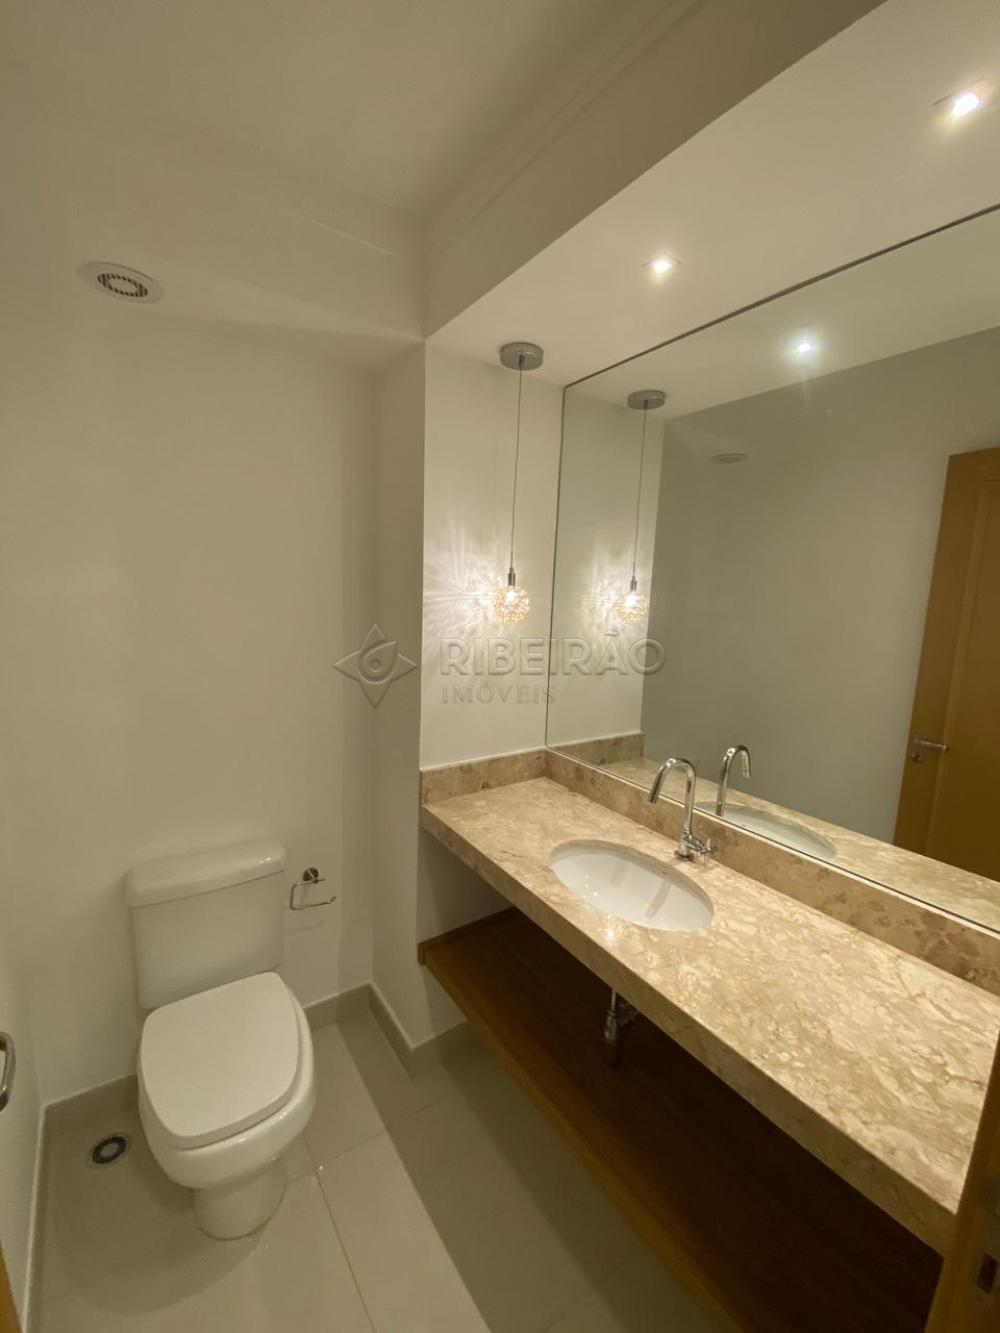 Alugar Apartamento / Padrão em Ribeirão Preto R$ 8.600,00 - Foto 4